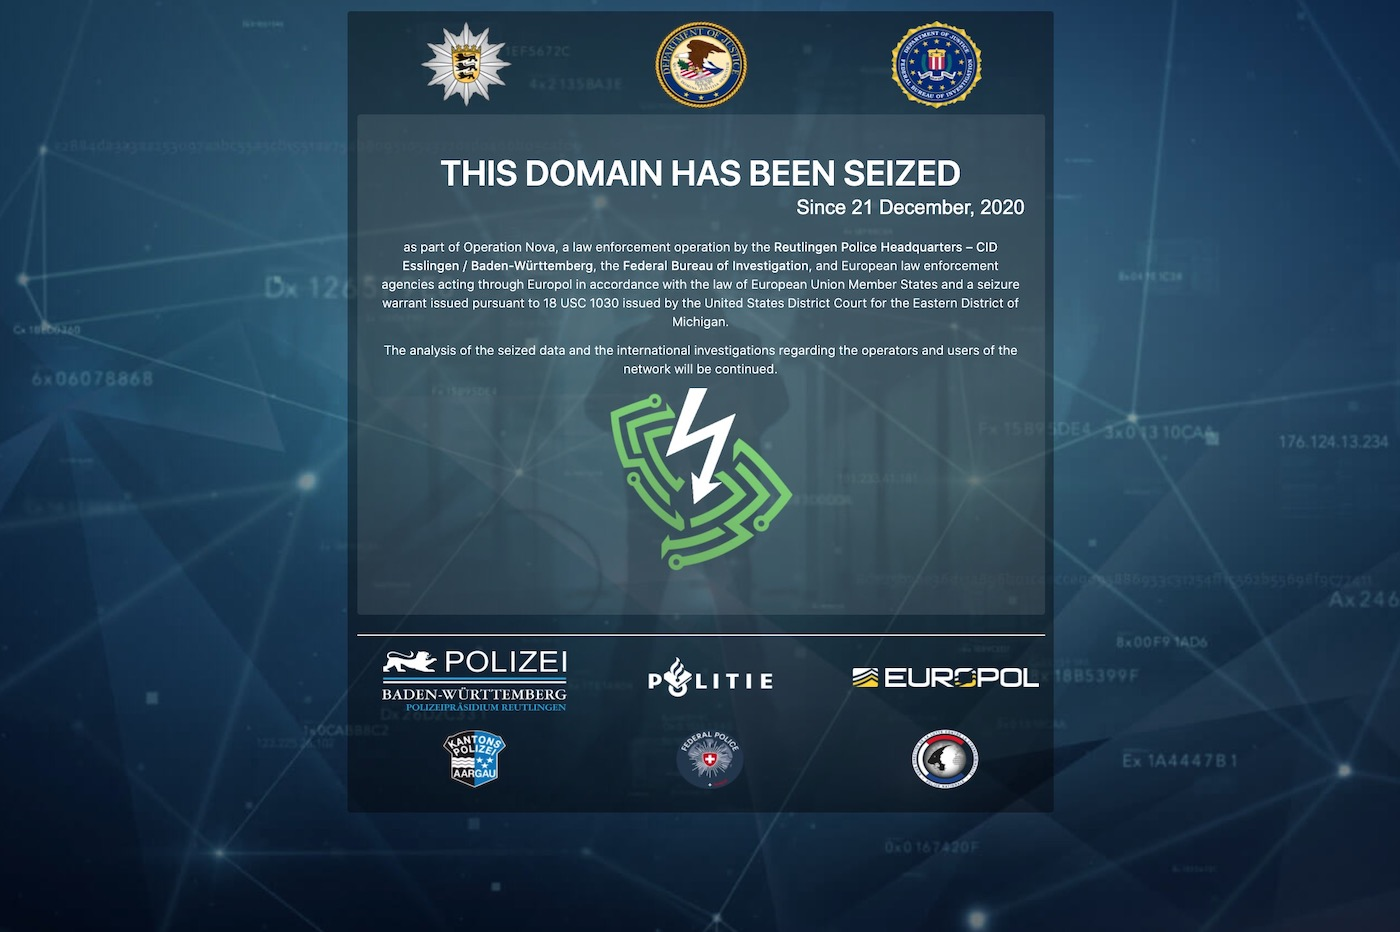 VPN FBI Europol